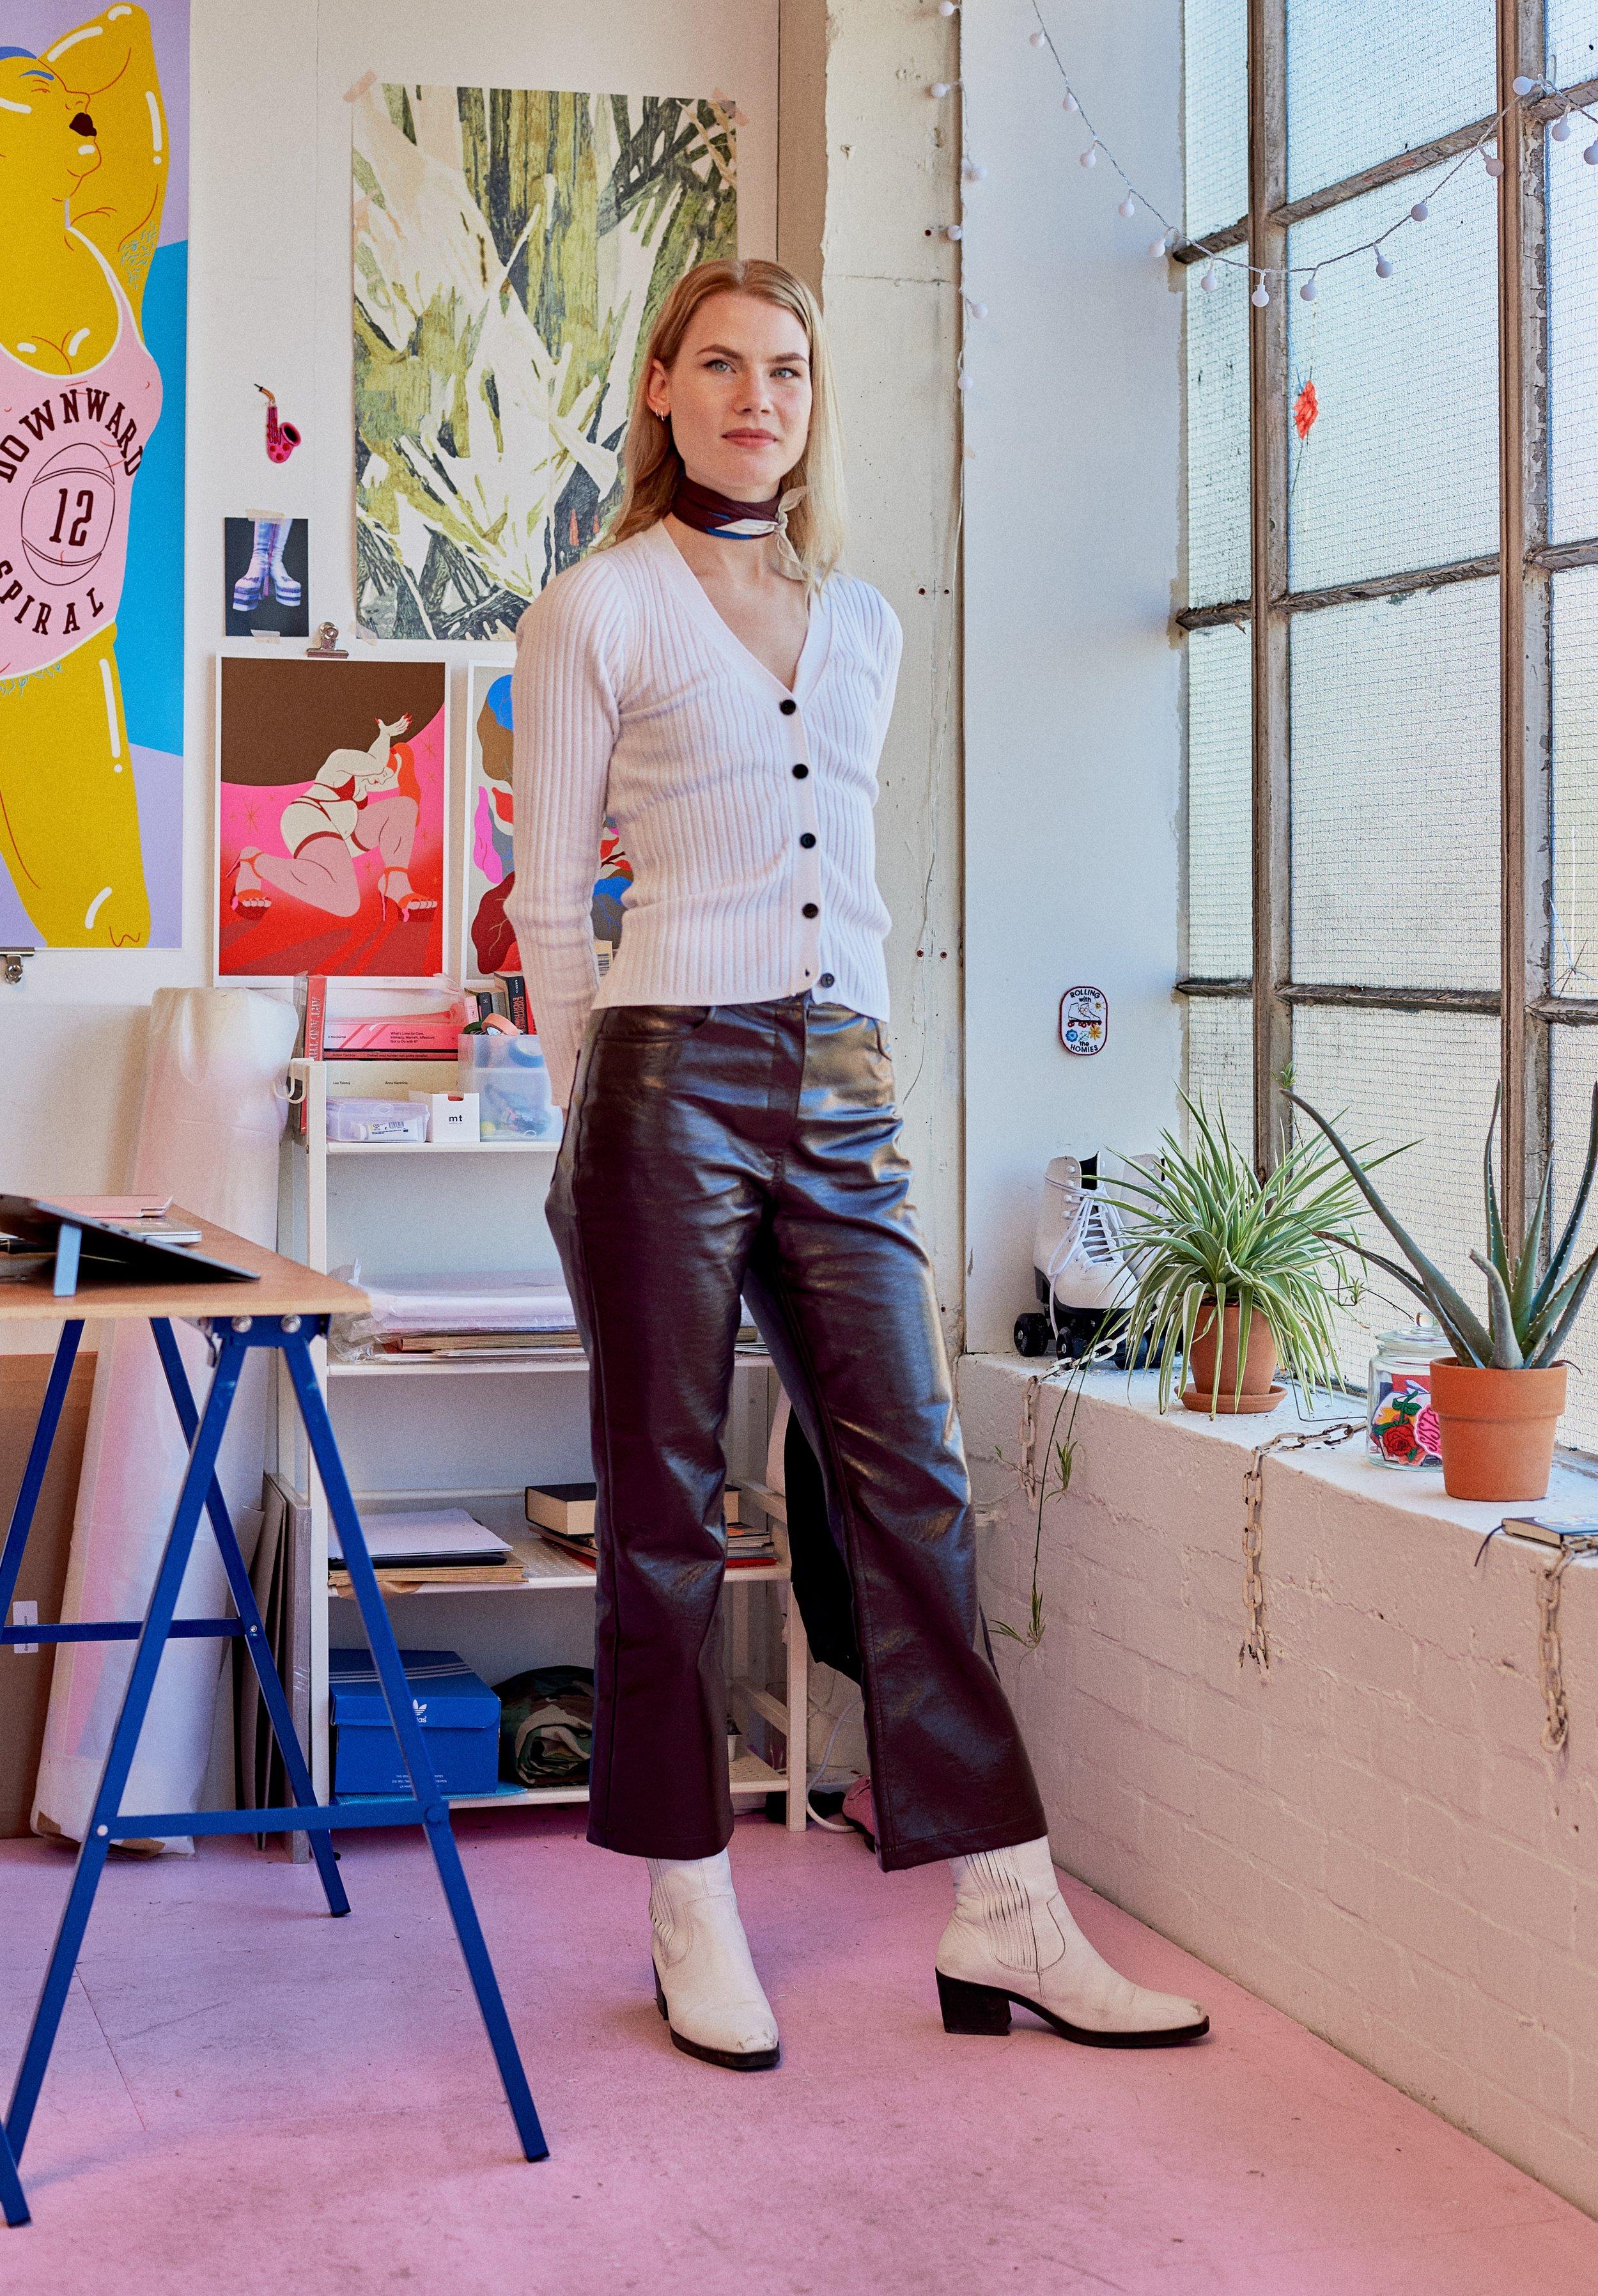 Sara Andreasson